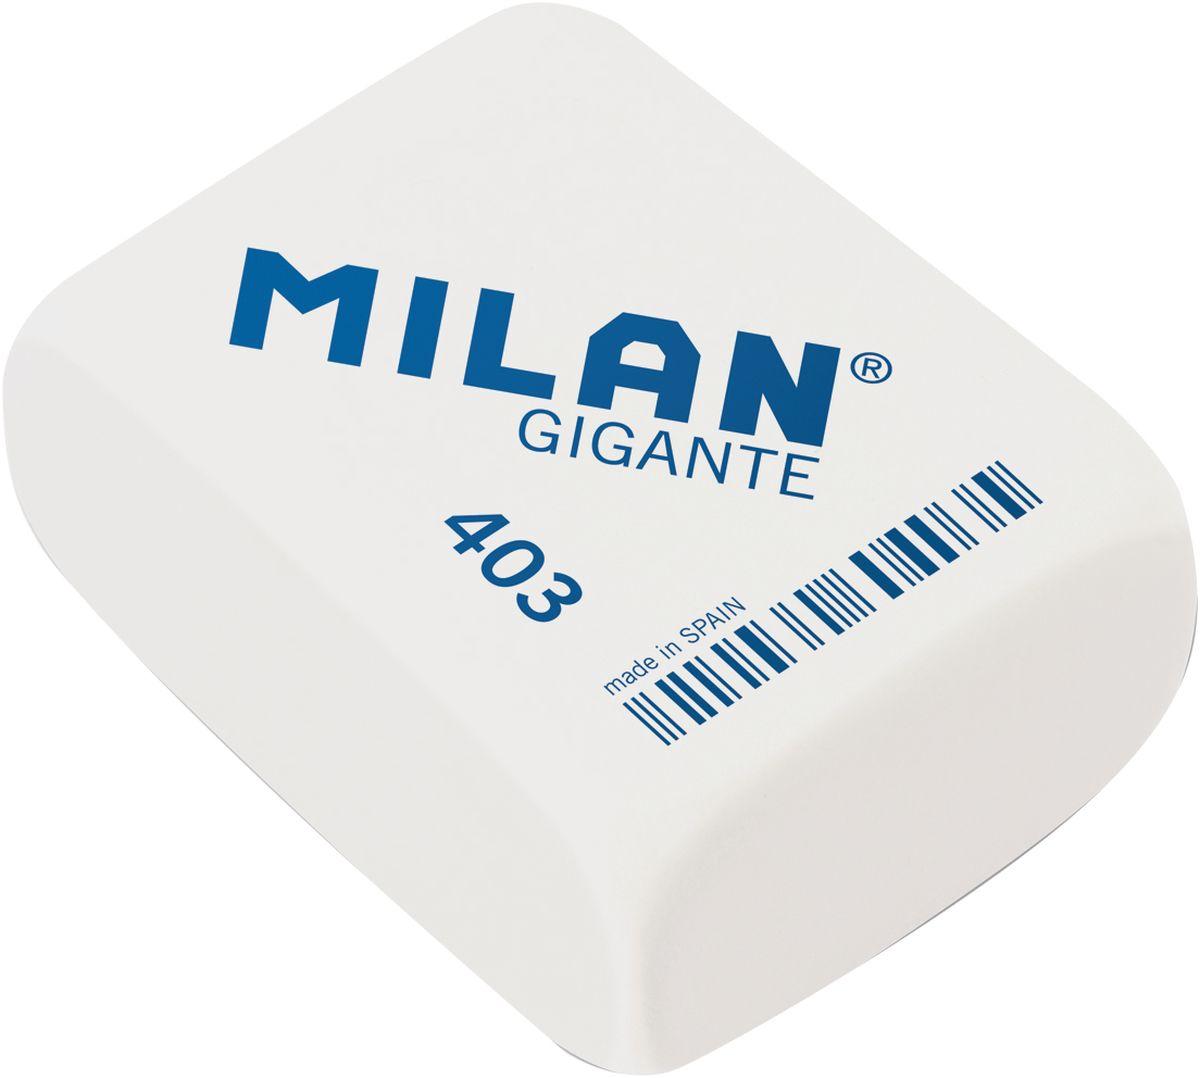 Milan Ластик 40372523WDЛастик Milan имеет мягкую структуру, и обладает высокой гибкостью, обеспечивая безупречное стирание.